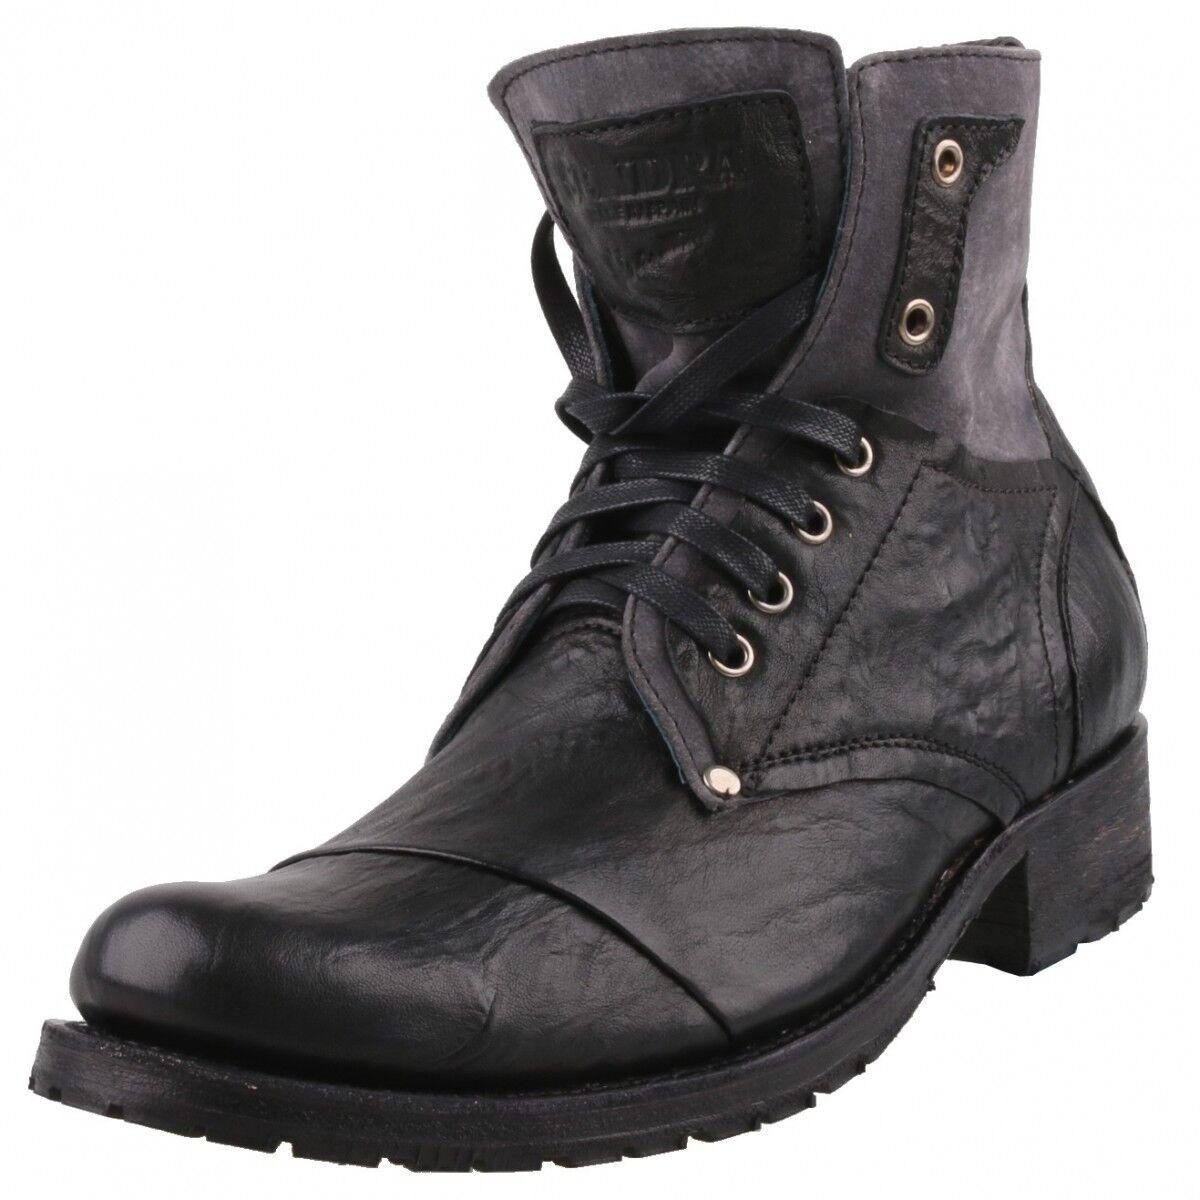 NUOVO NUOVO NUOVO Sendra stivali scarpe uomo stivaletti stivali Uomo Stivali di pelle scarpe   Di Qualità Fine    Gentiluomo/Signora Scarpa  410f6d